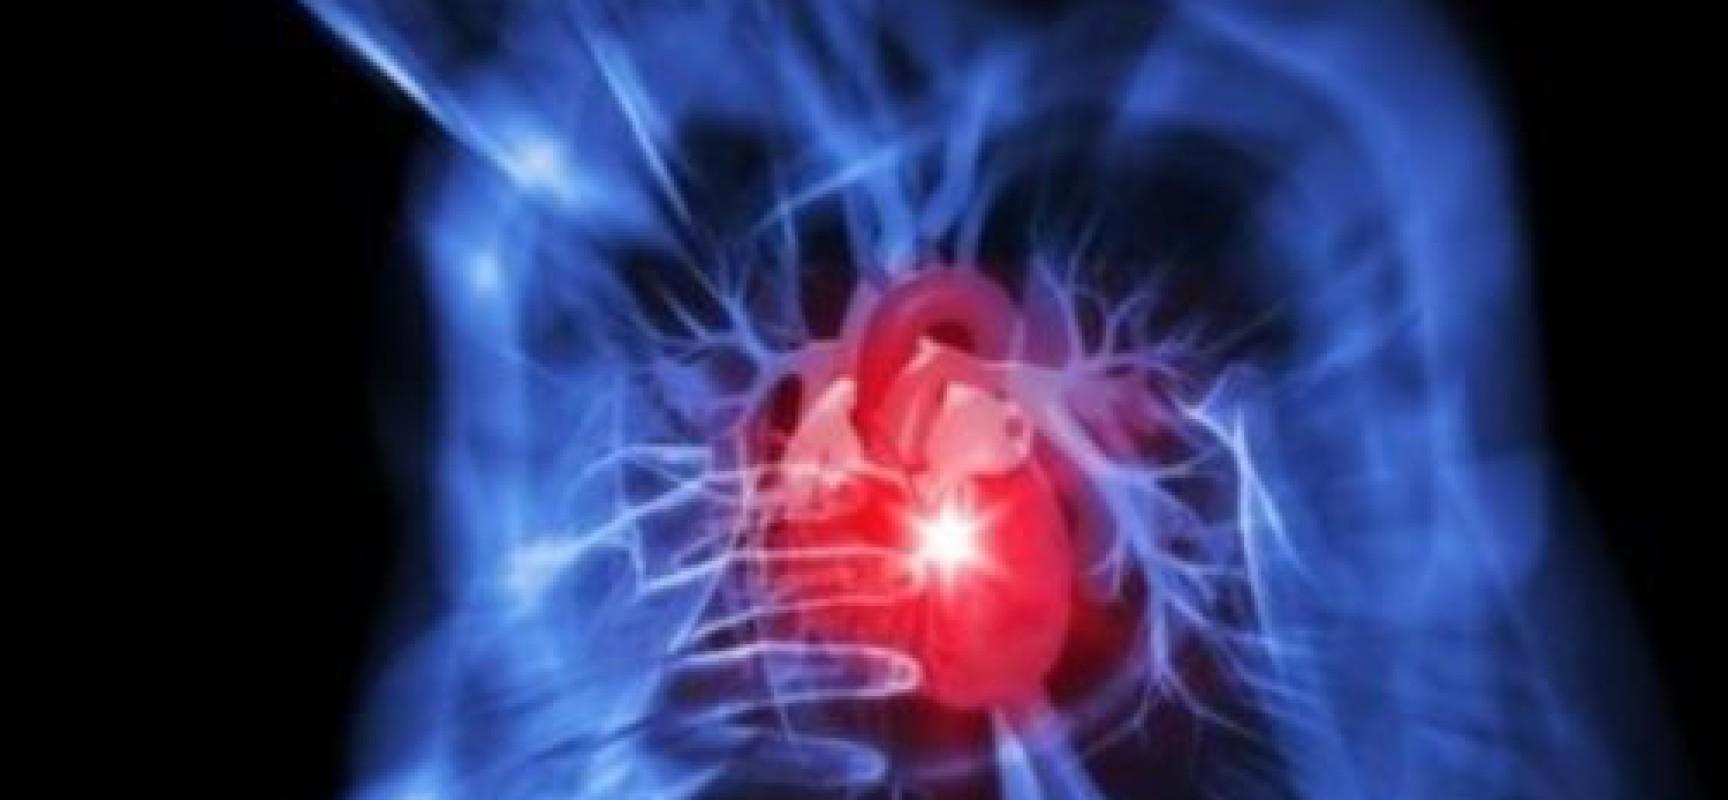 El corazón no se recupera como se pensaba tras un infarto...